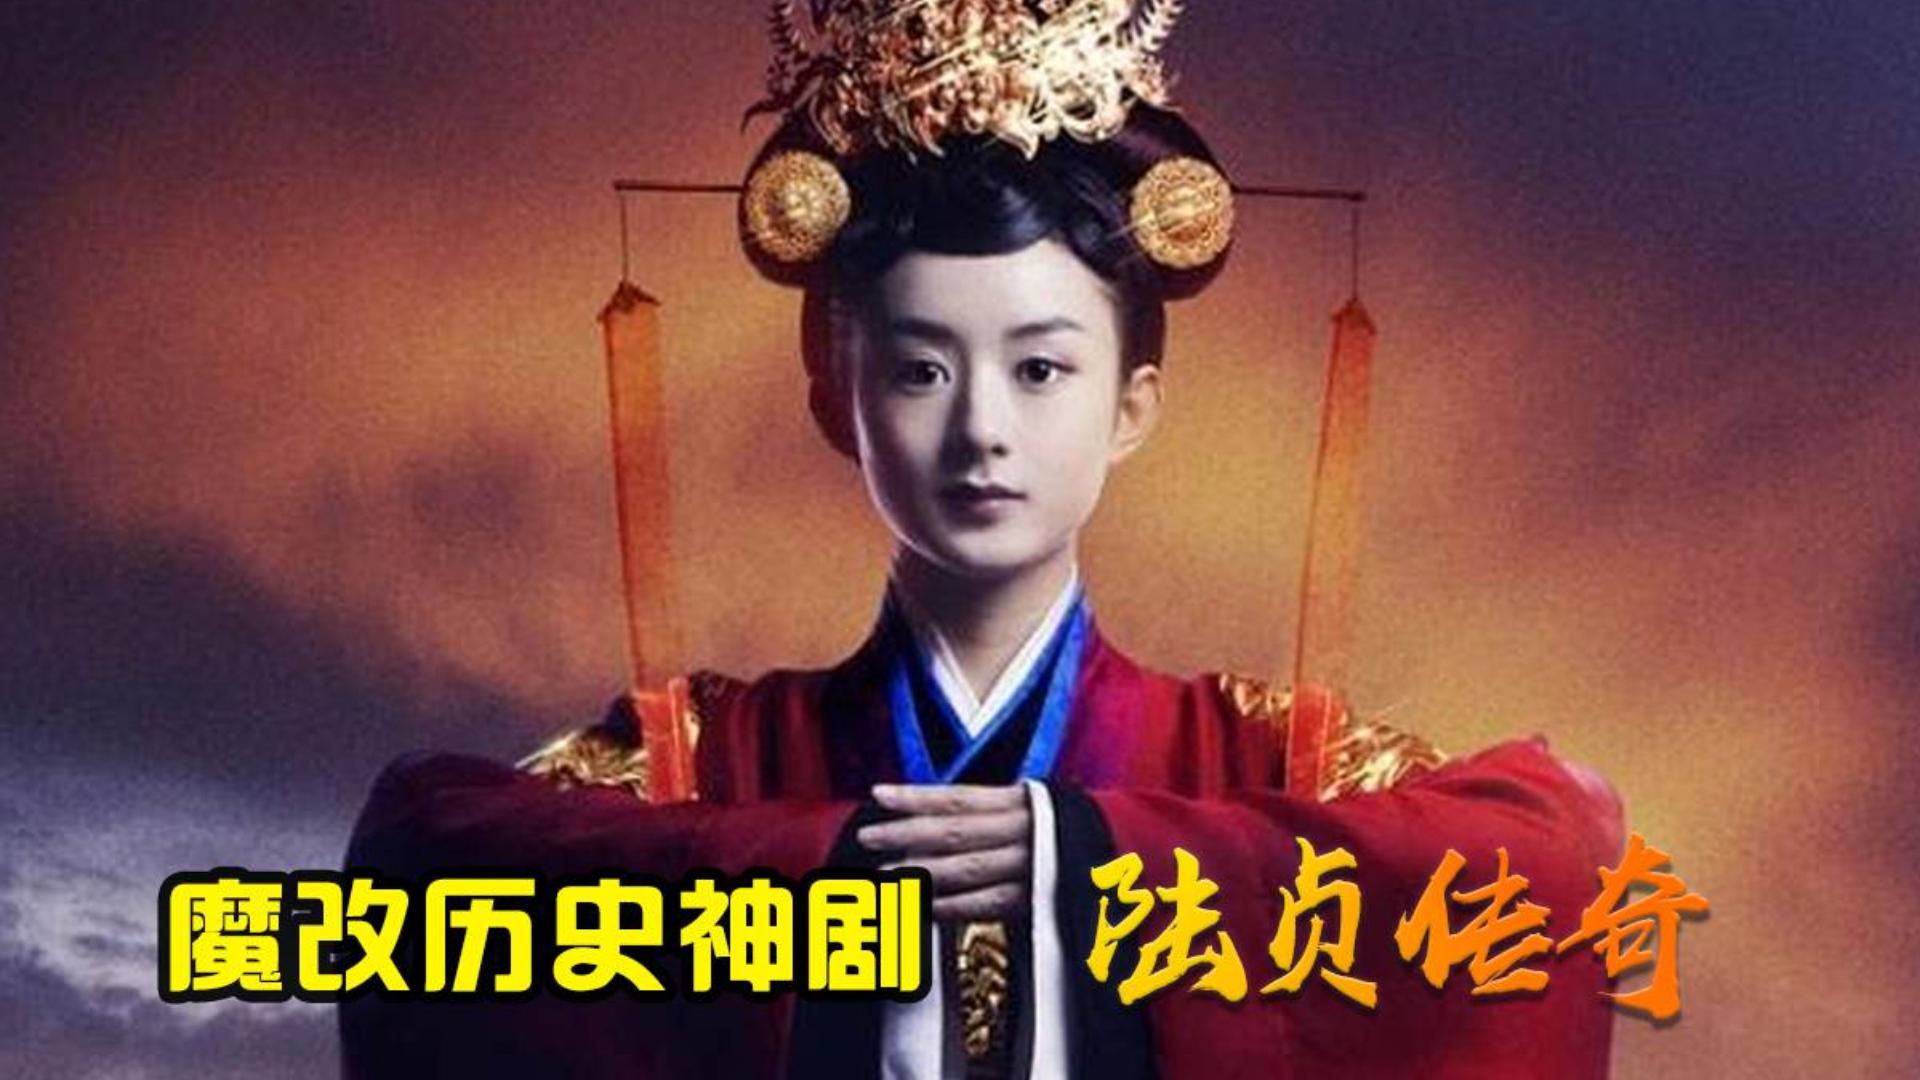 魔性解读魔改北齐历史神剧《陆贞传奇》,这样颠覆性的魔改历史你是否能够接受?